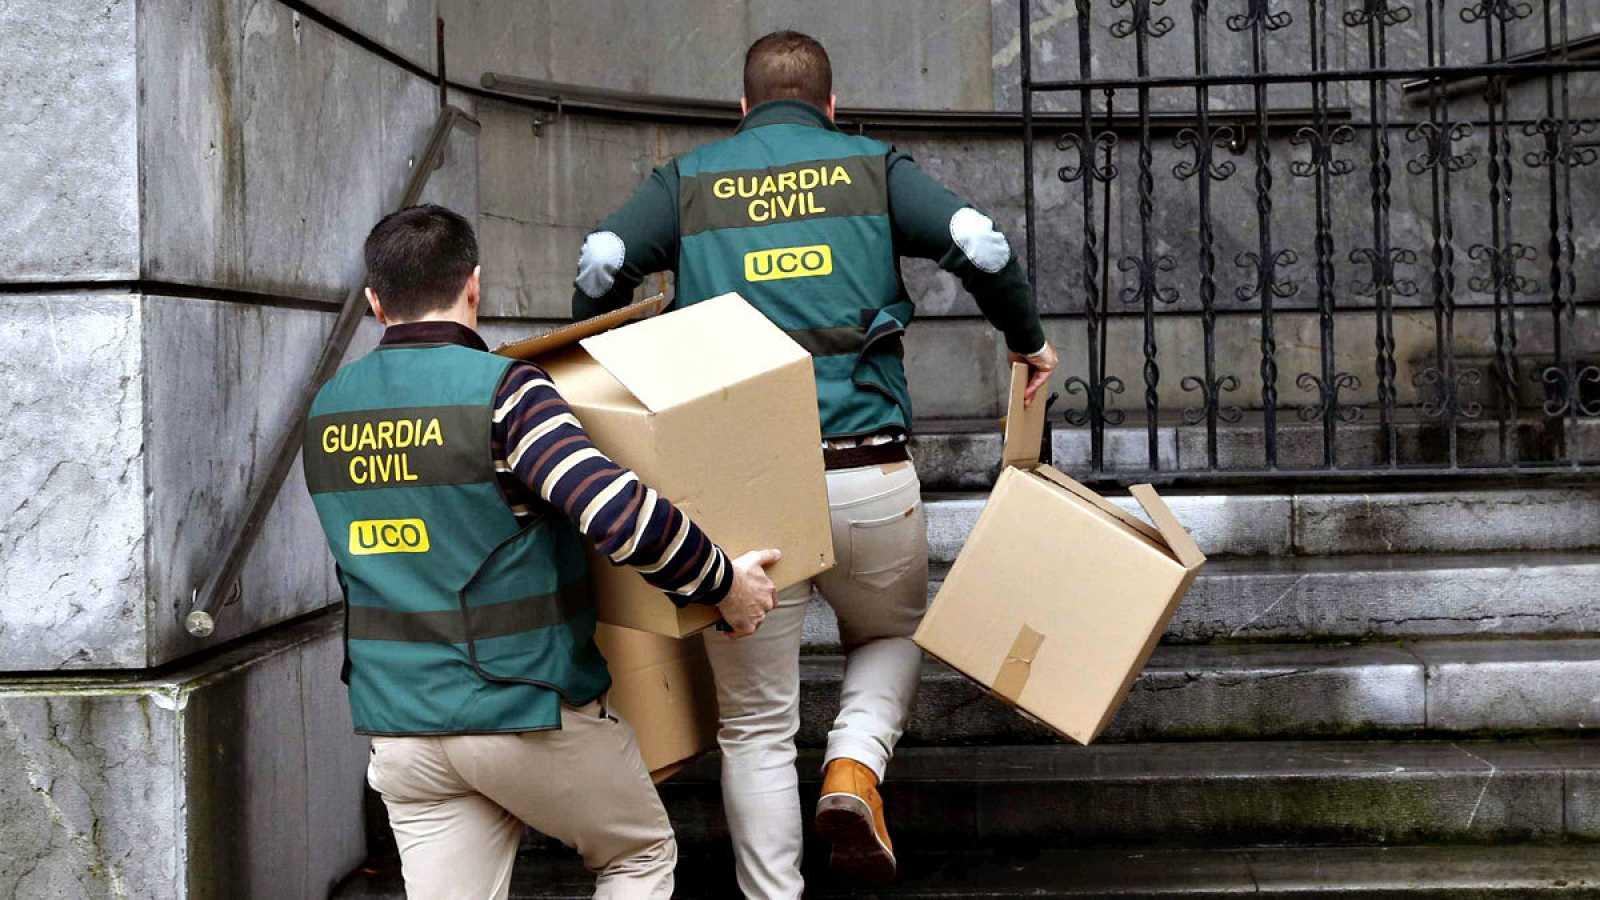 España mejora su nota en corrupción, aunque sigue por debajo de la media europea